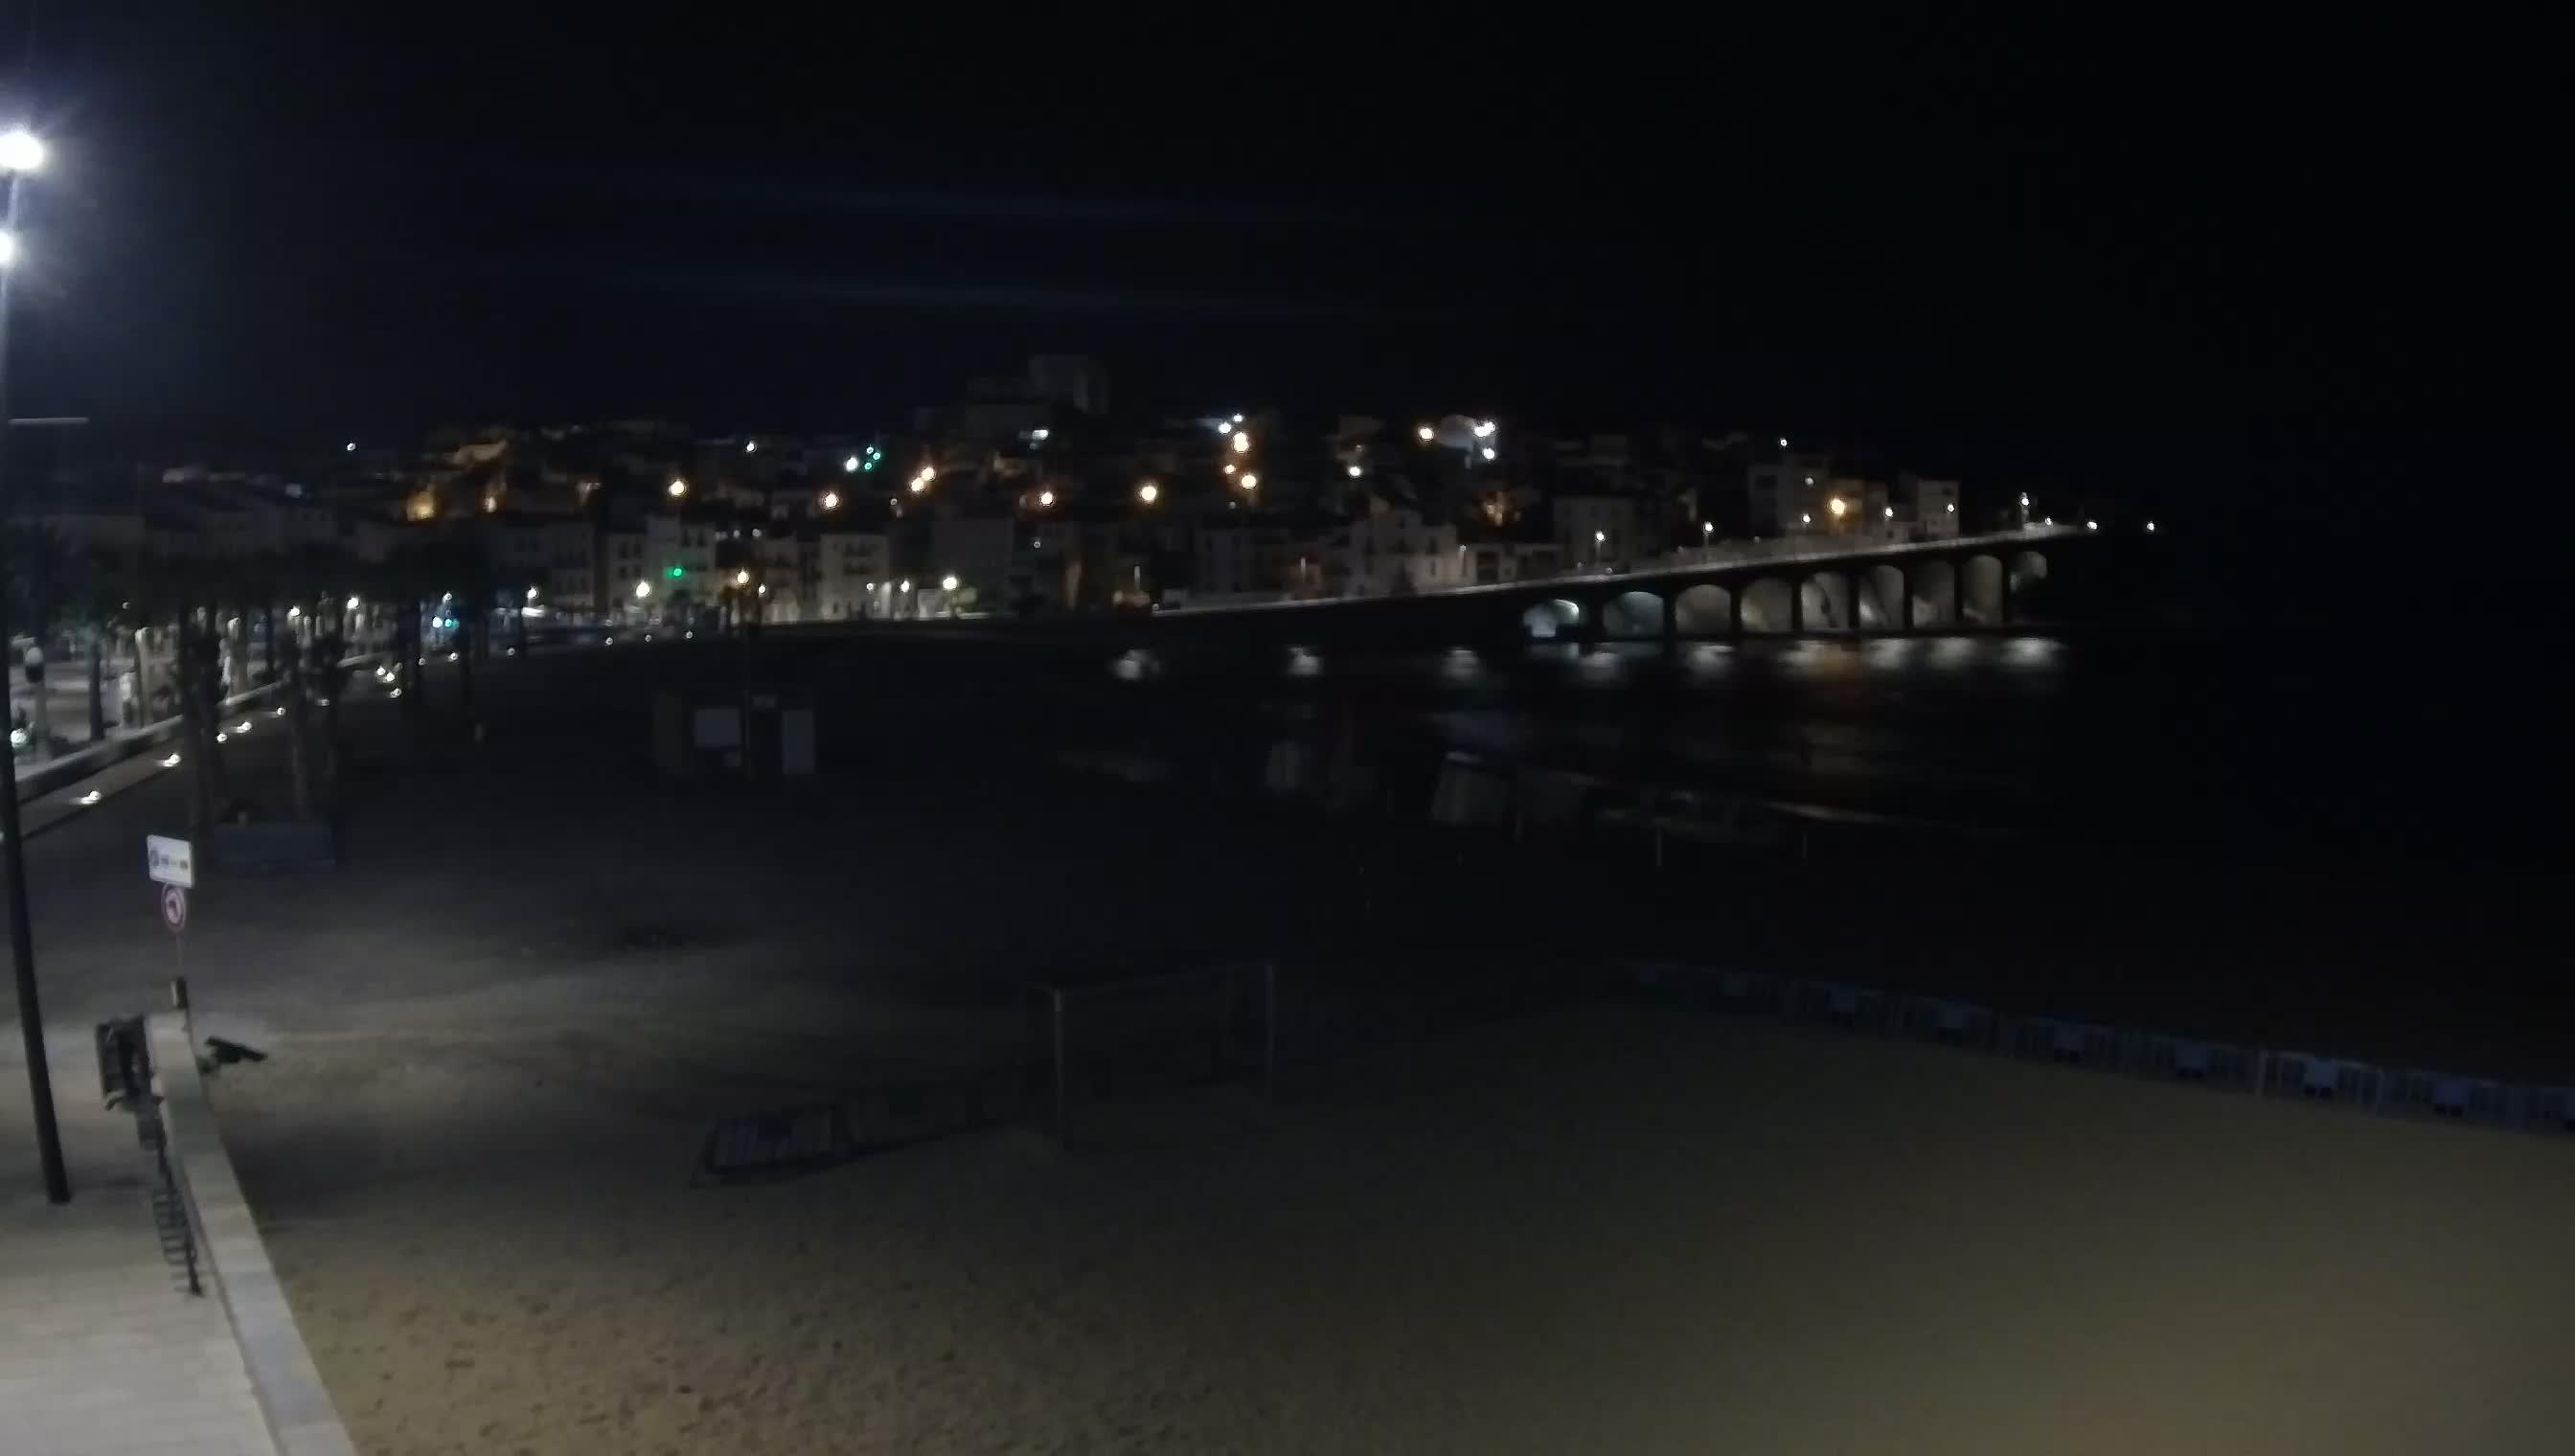 Banyuls-sur-Mer Sat. 05:22